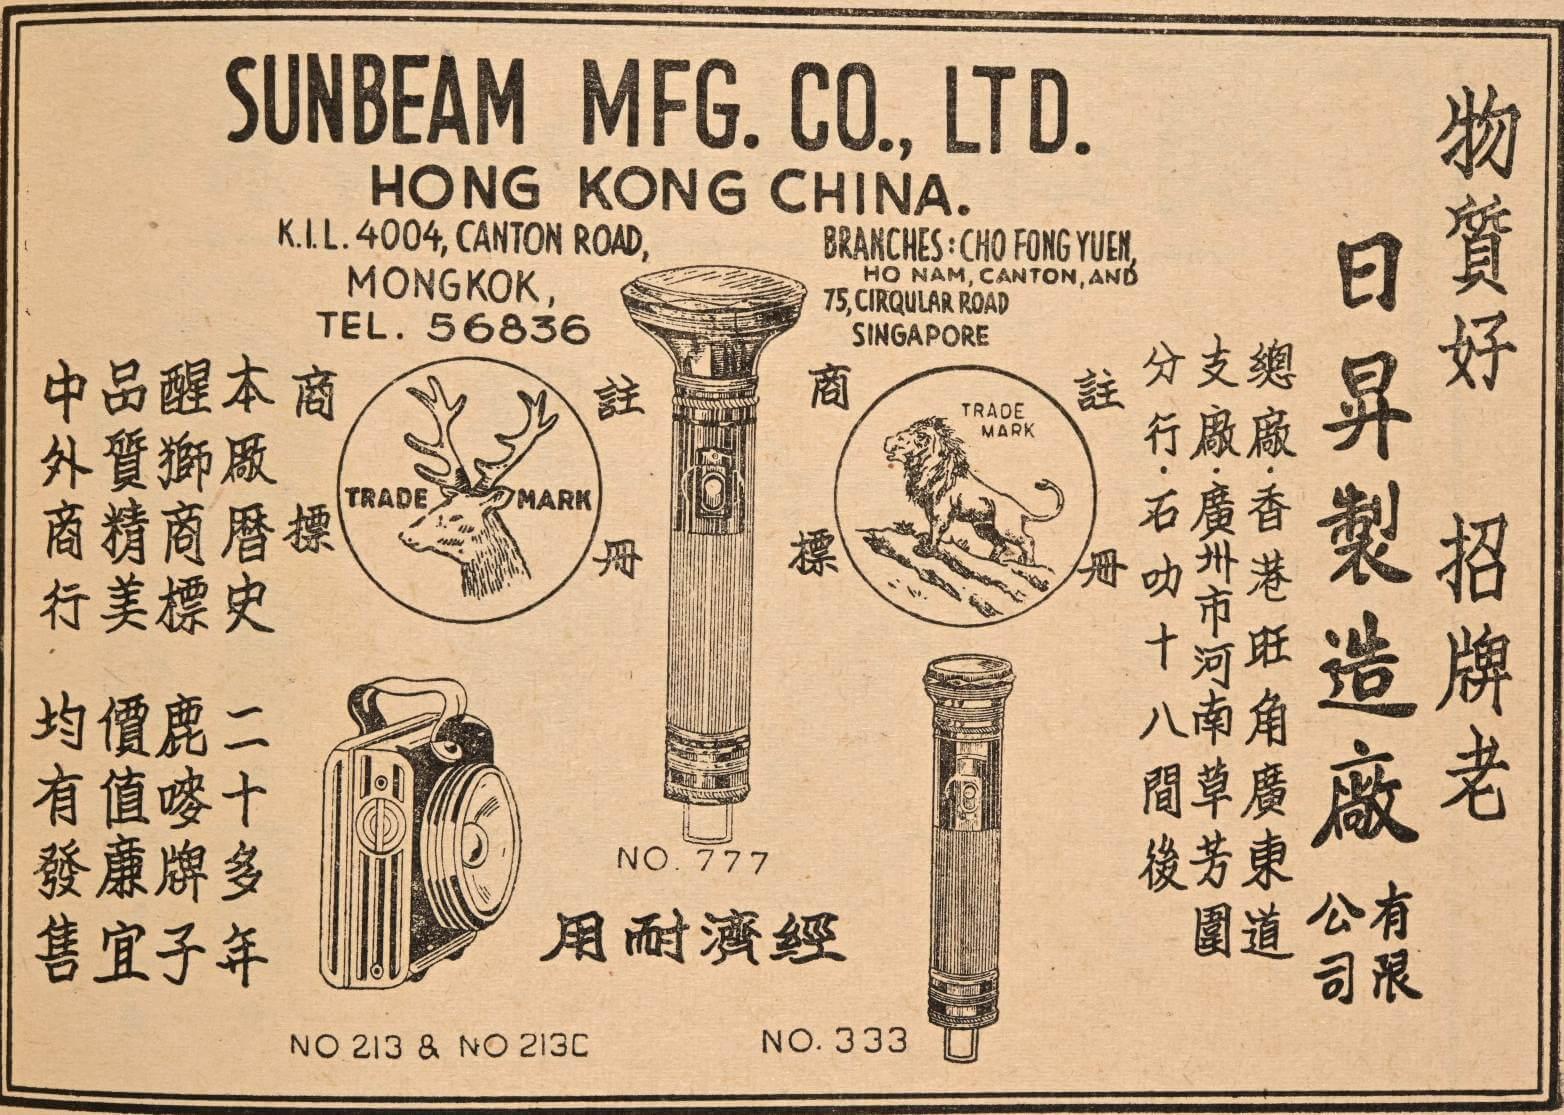 日昇製造廠早年生產電筒,後來轉為生產不鏽鋼餐廚用具。